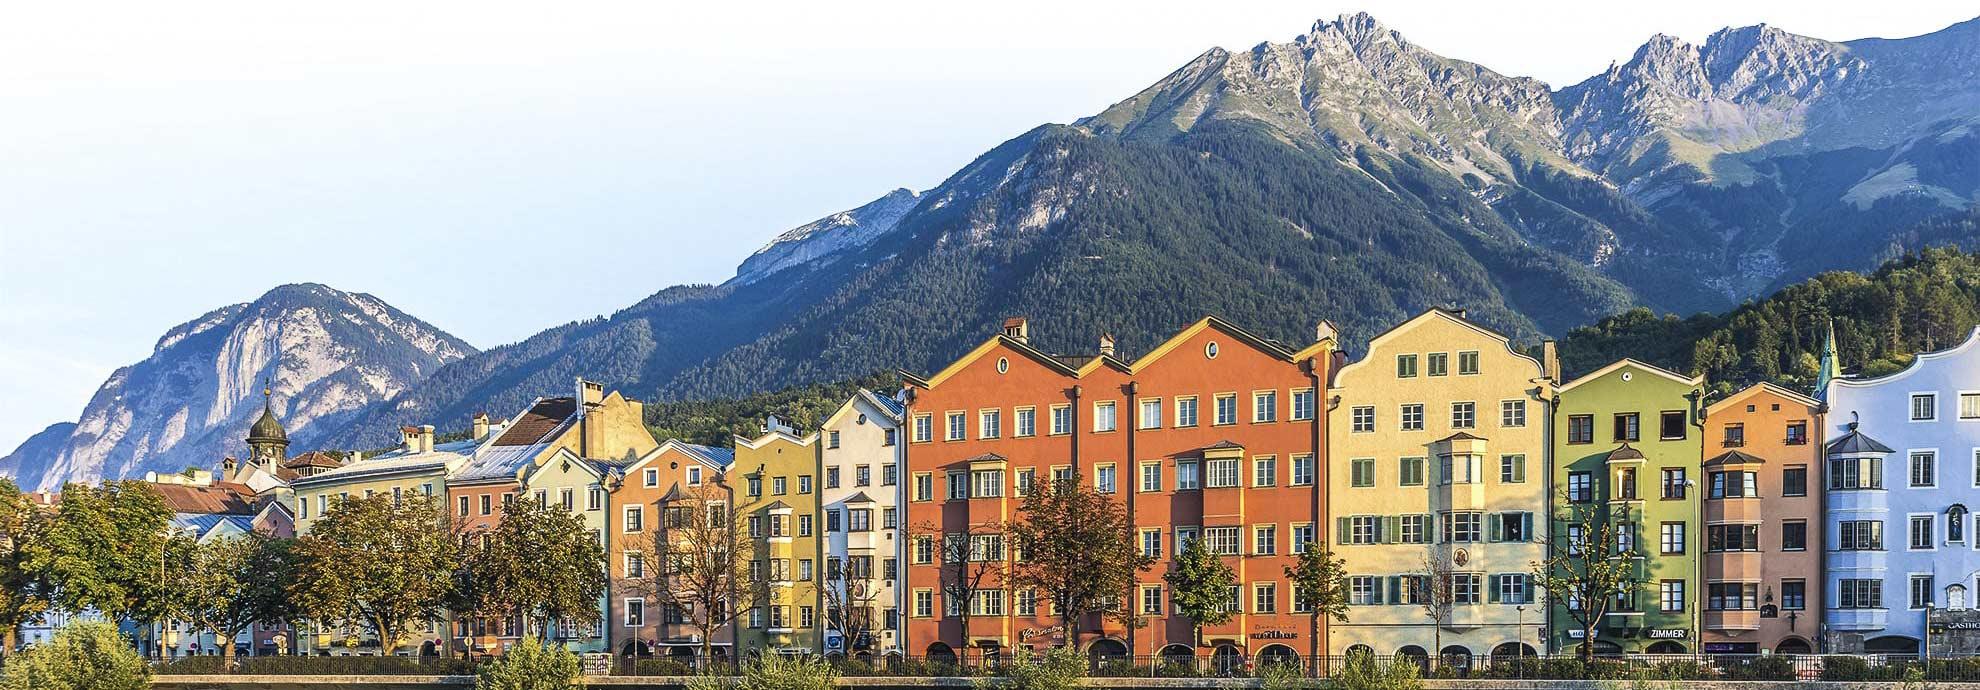 Tiroler Liegenschaftsverwaltung Innsbruck